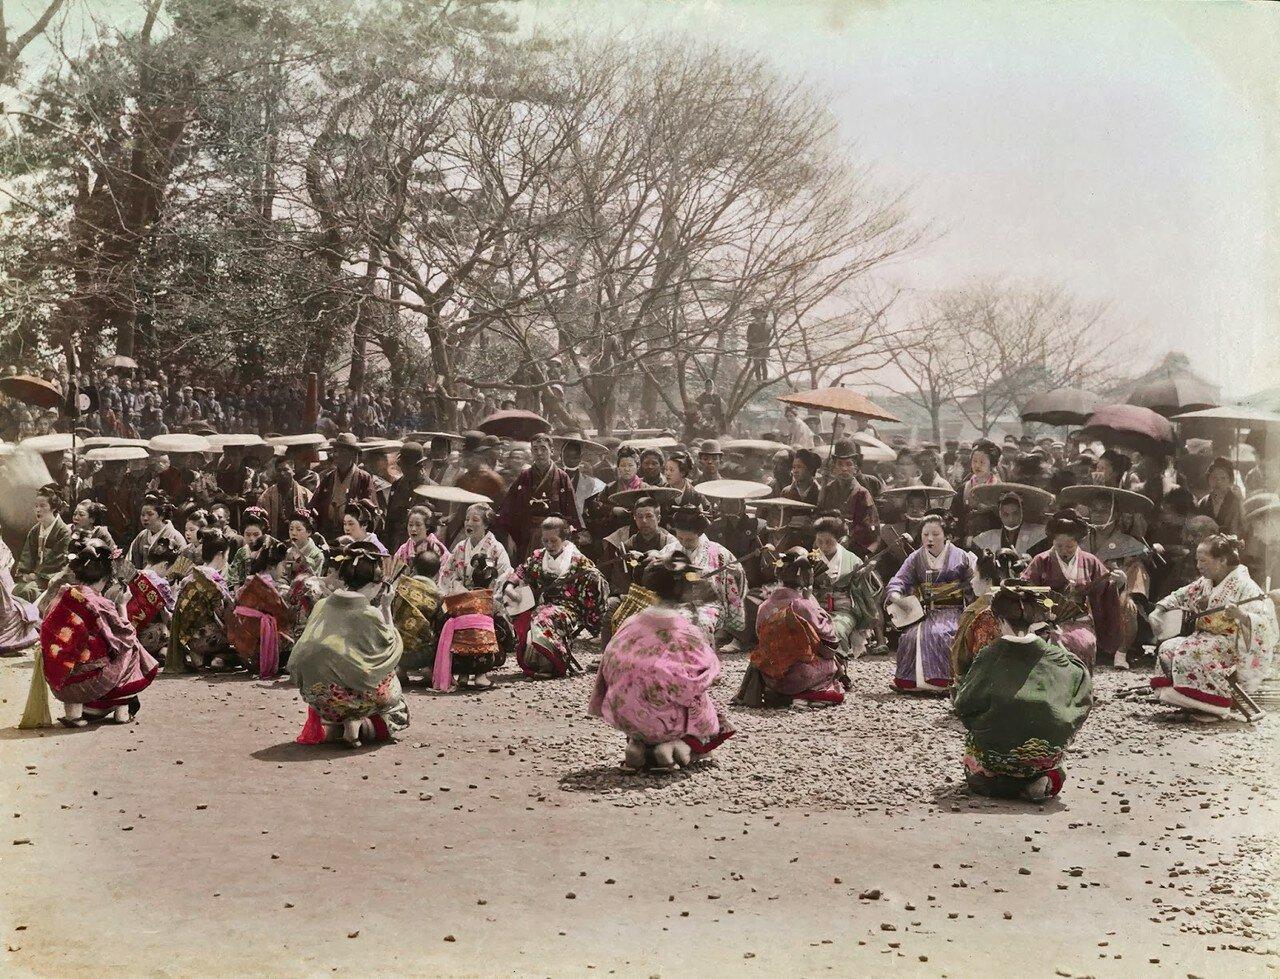 Большая группа женщин в кимоно, возможно танцующие гейши. 1890